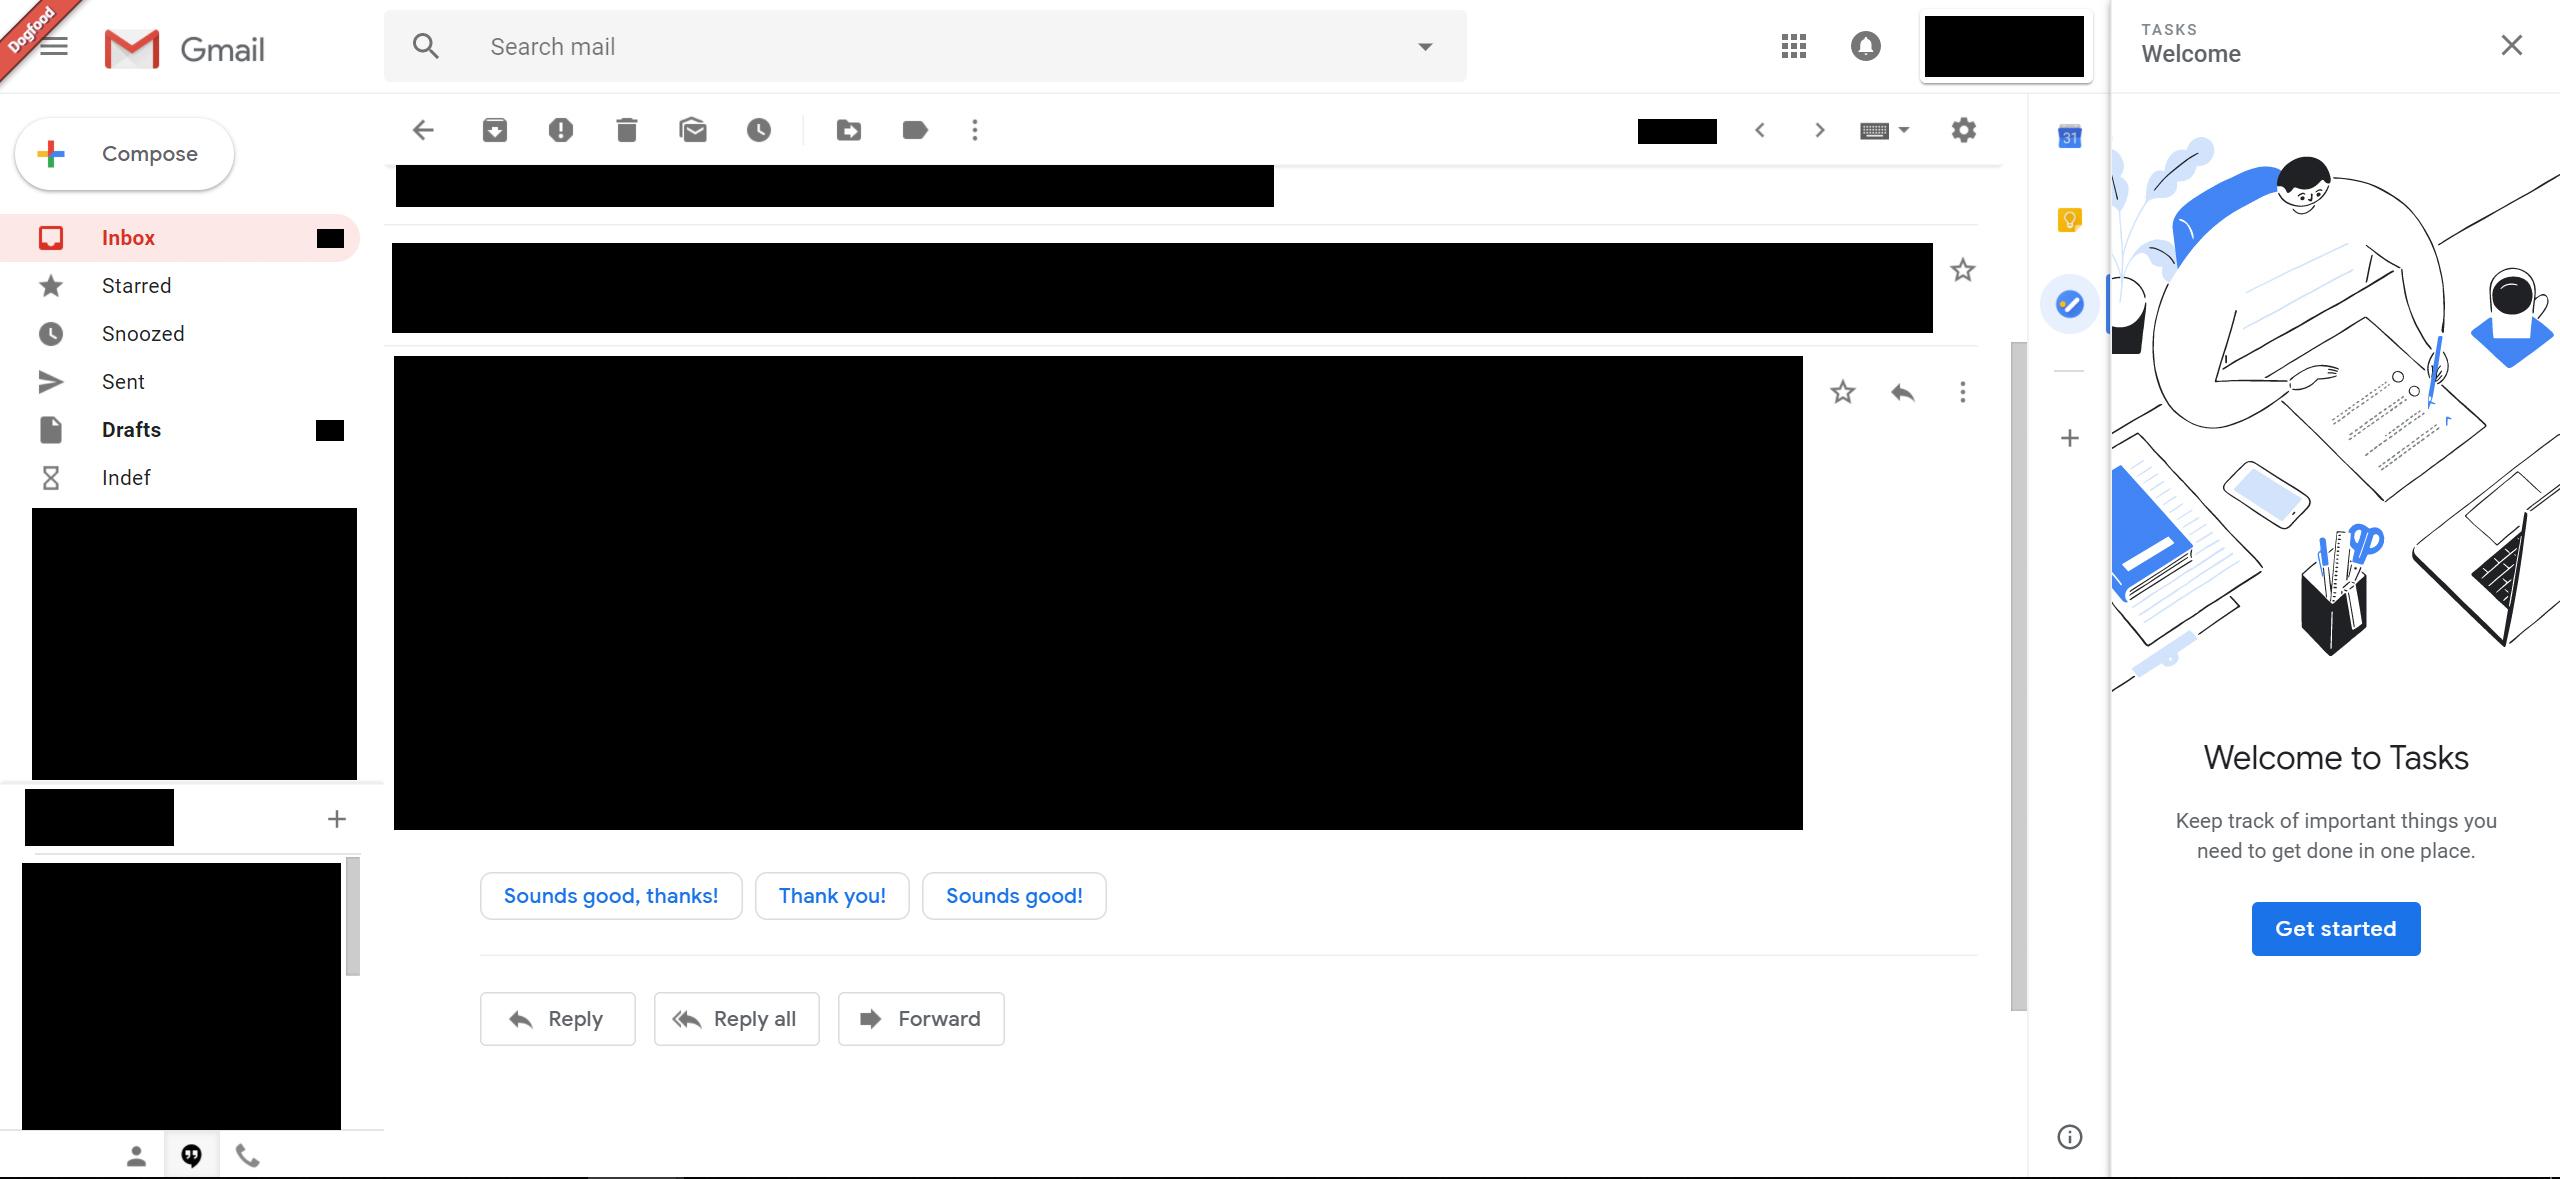 Gmail-Redesign bringt viele praktische Neuerungen